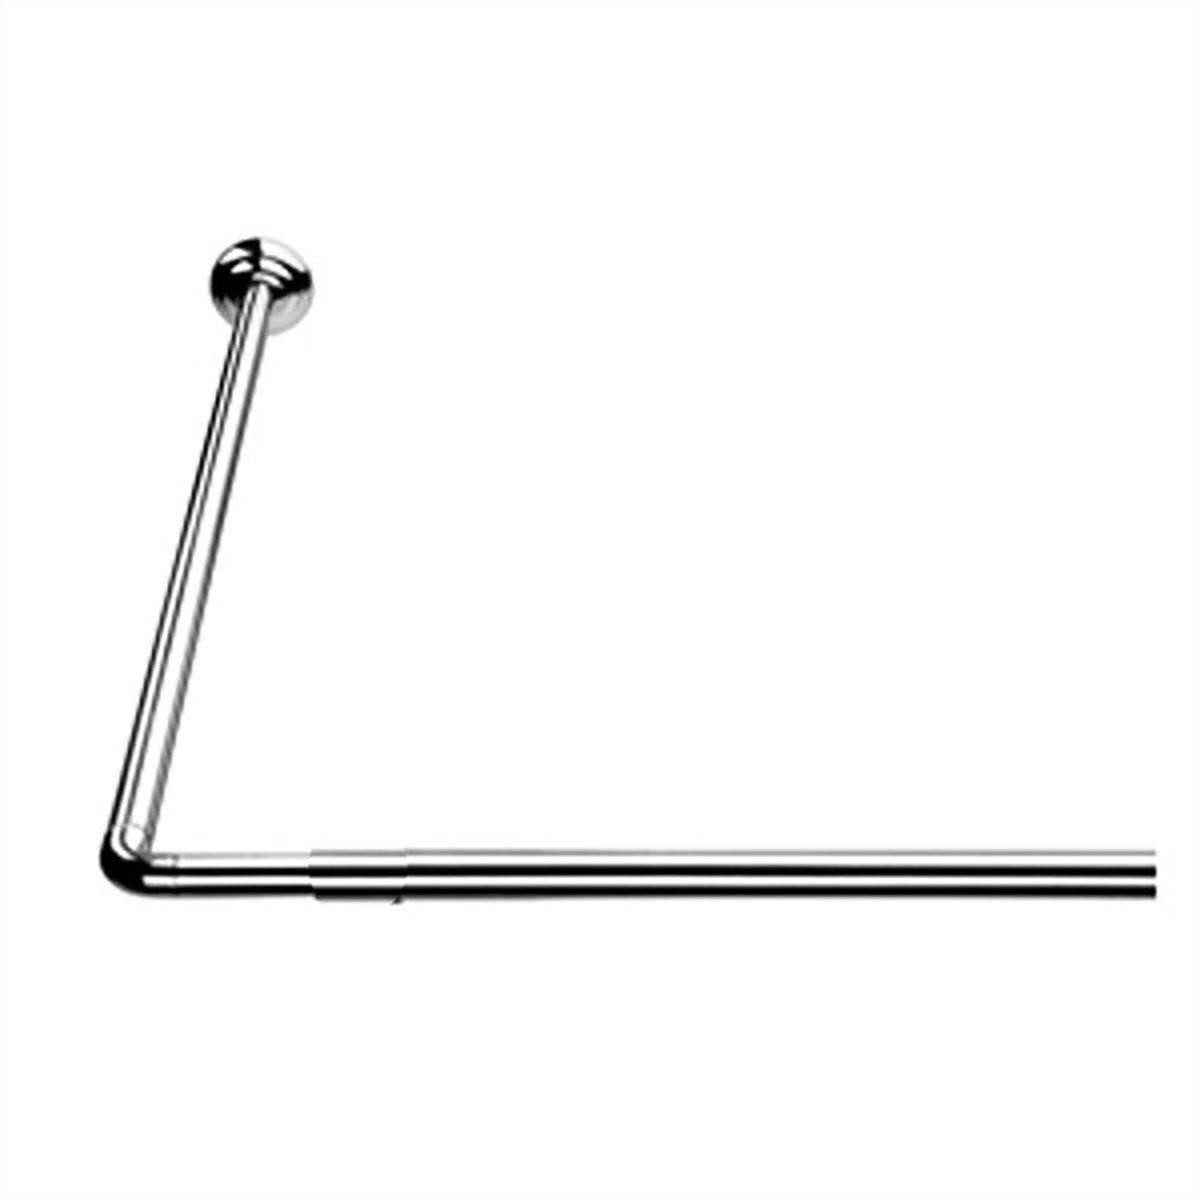 Βραχίονας Μπάνιου Γωνιακός 90×90 Joy Bath Chrome